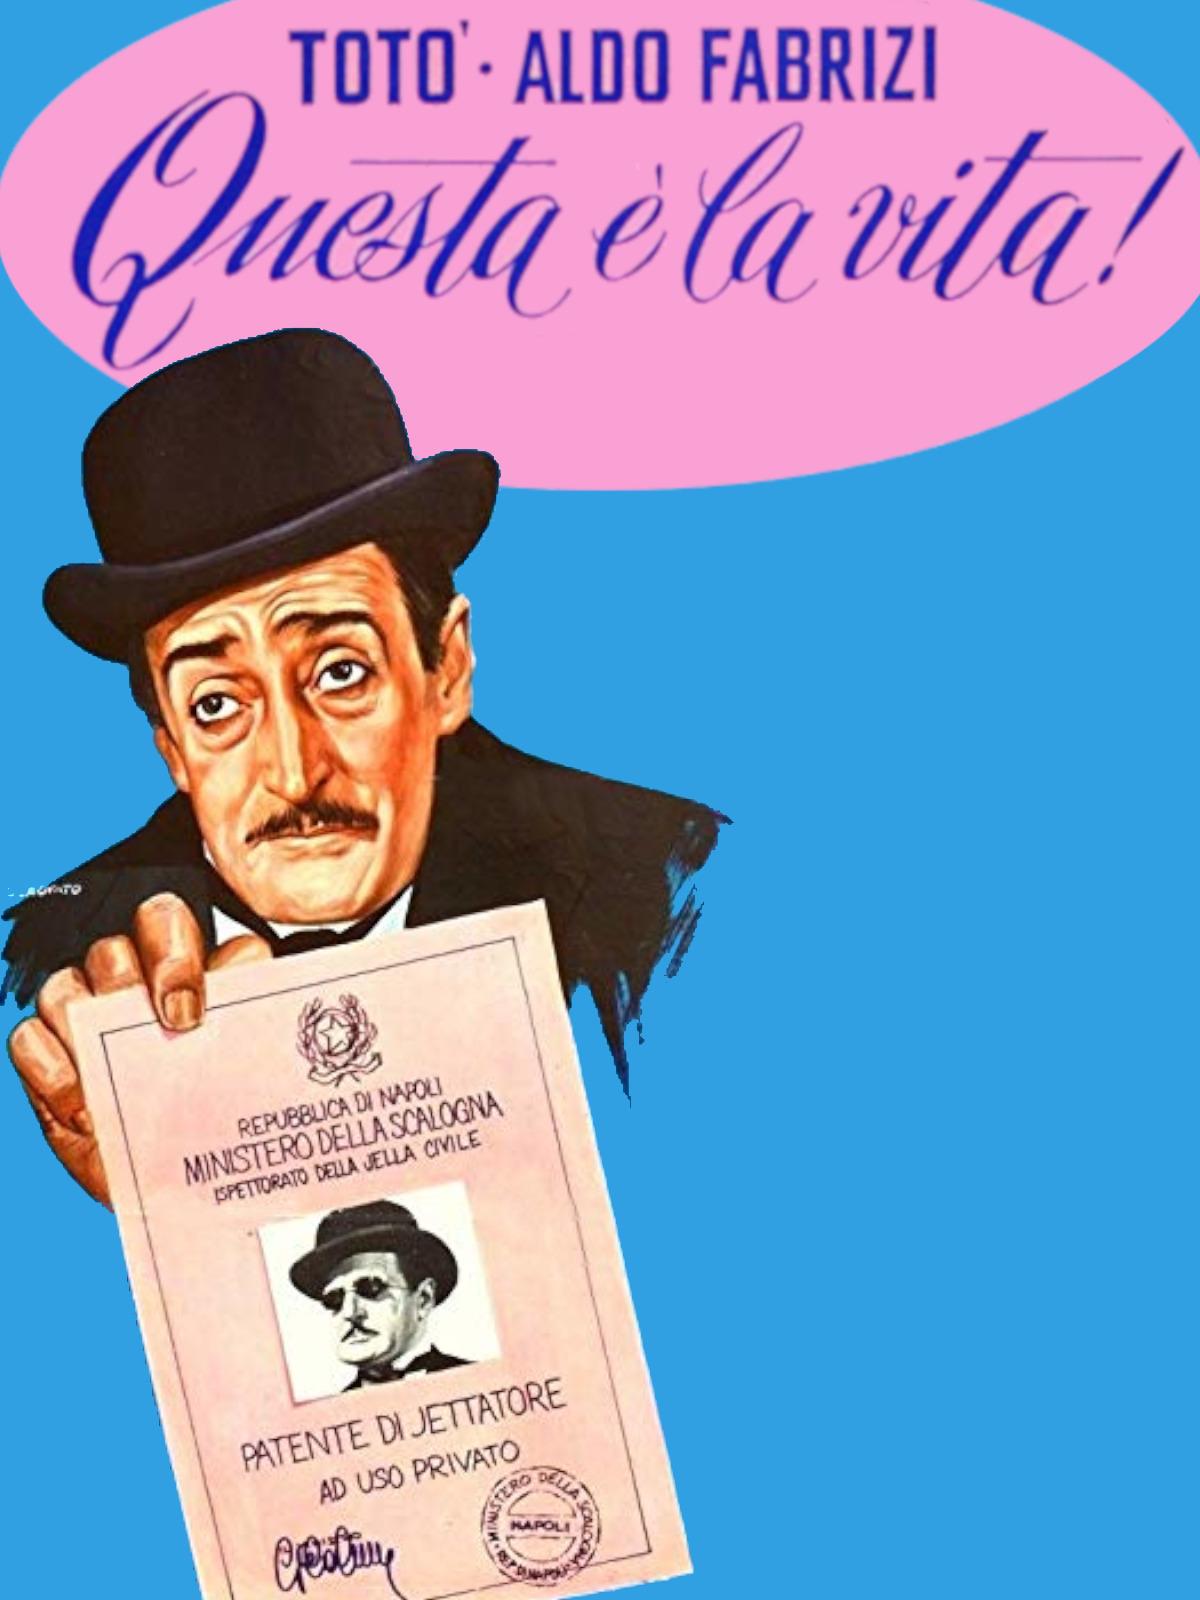 CINE ITALIANO -il topice- - Página 7 533d756b16a558a6fbe1dc79eb6340ffe5415aa31383b1de4660216a0dbf1955._RI_V_TTW_